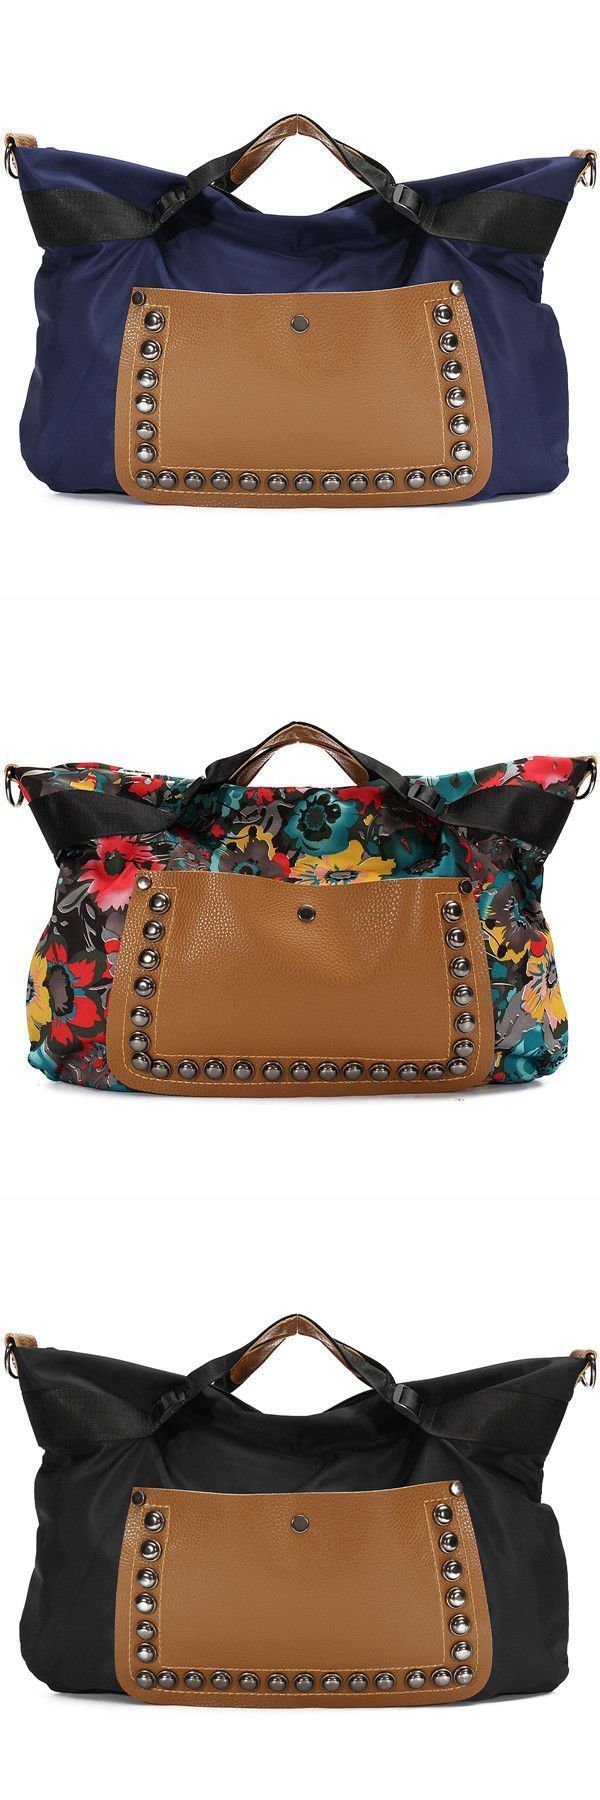 Women Vintage Pu Leather Tote Shoulder Messenger Handbag Hobo Satchel Rivet Bag Xchange Handbags